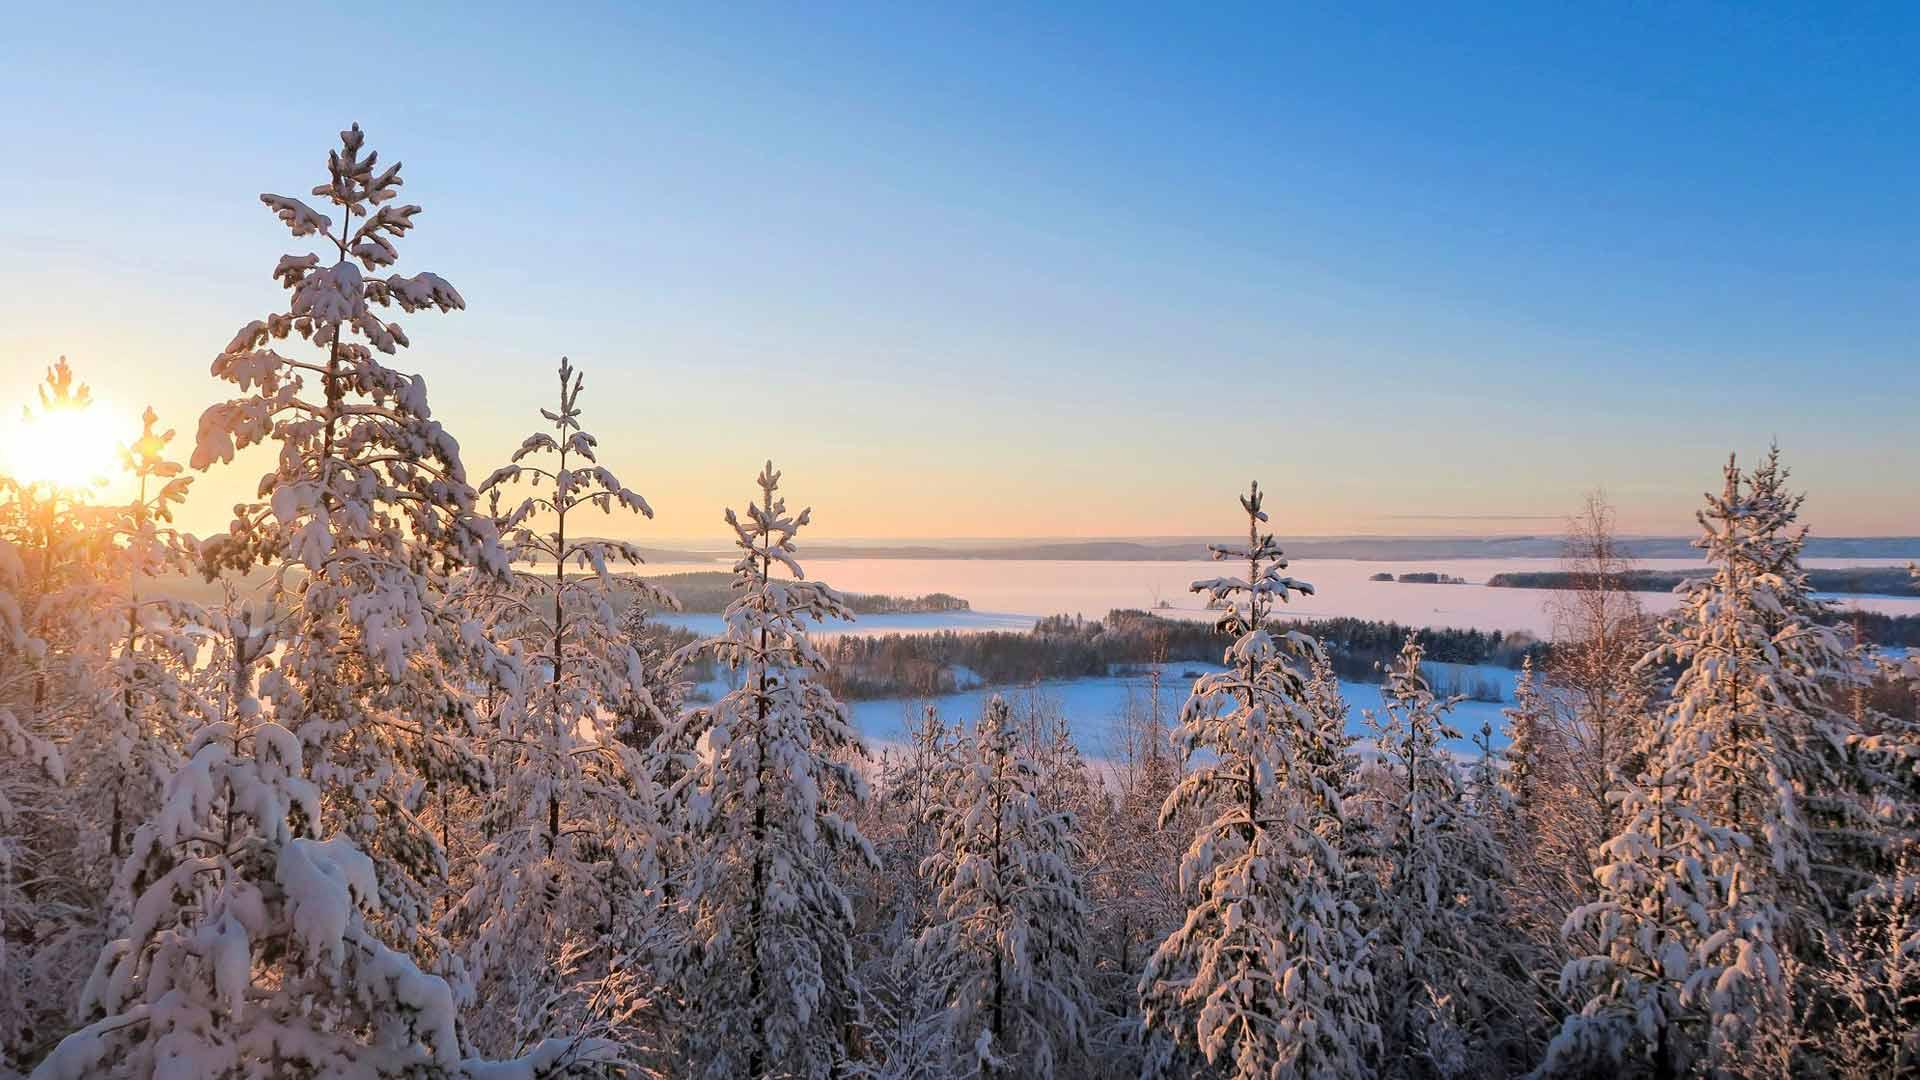 Toivontornista näkyvä Pielinen on Suomen neljänneksi suurin järvi.